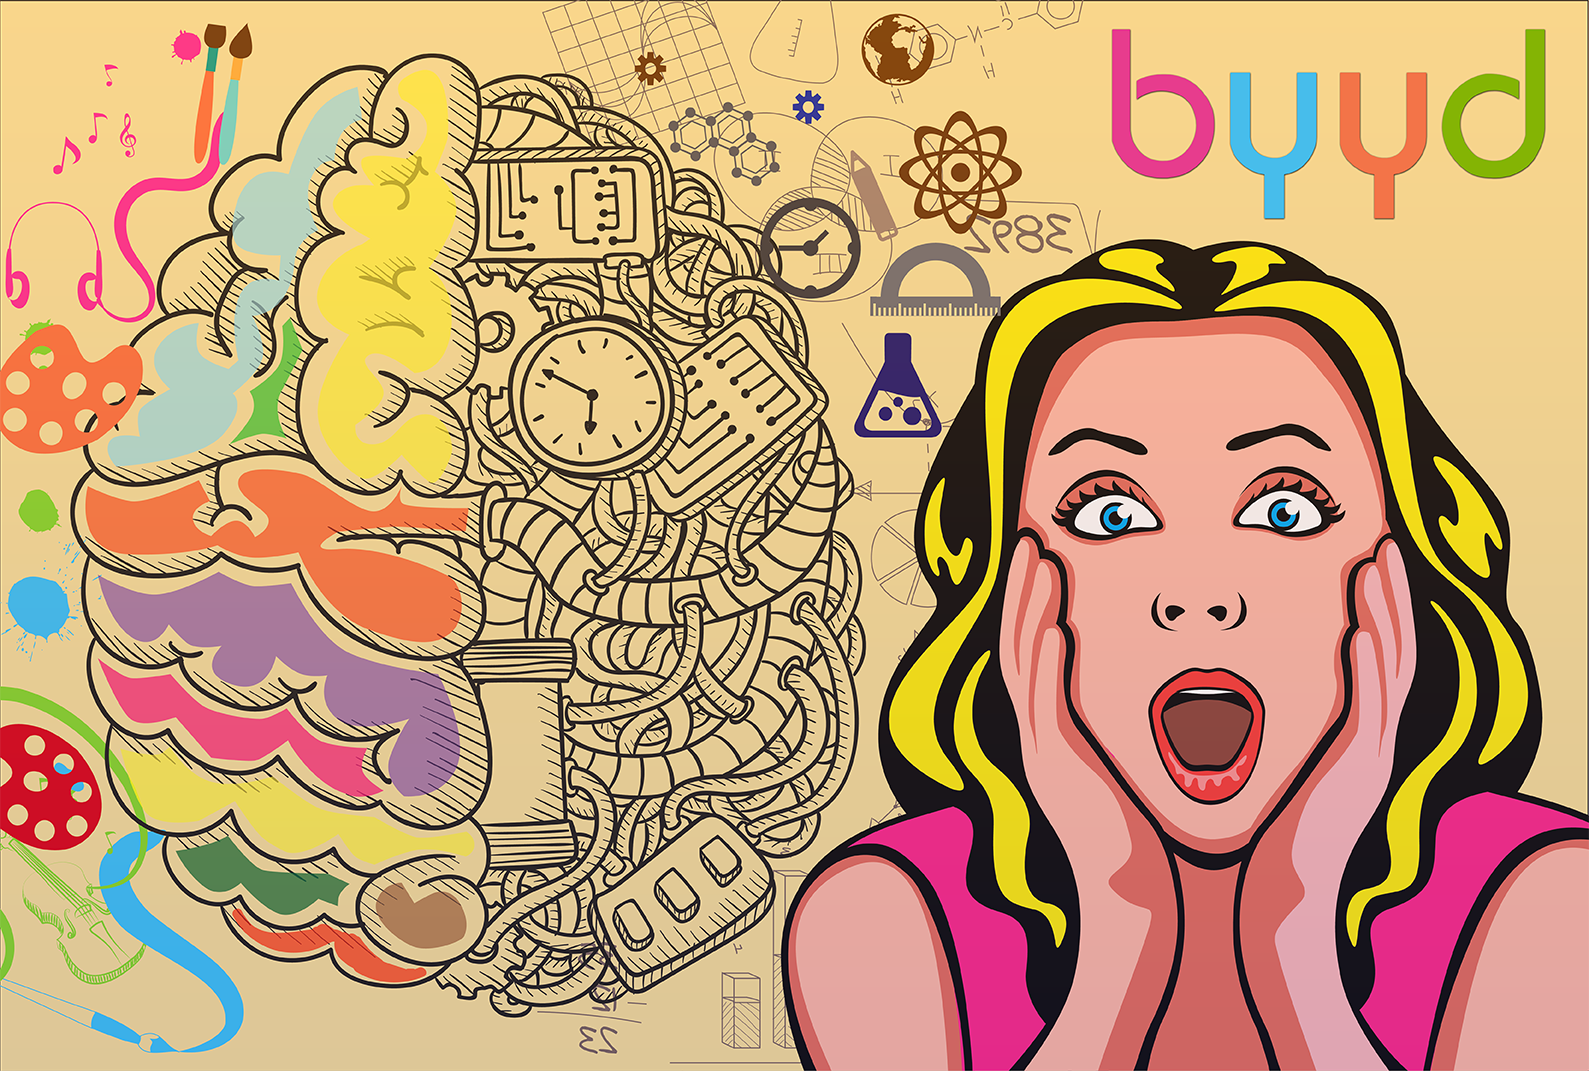 Программное мышление: союз искусства, науки и алгоритмов - 1